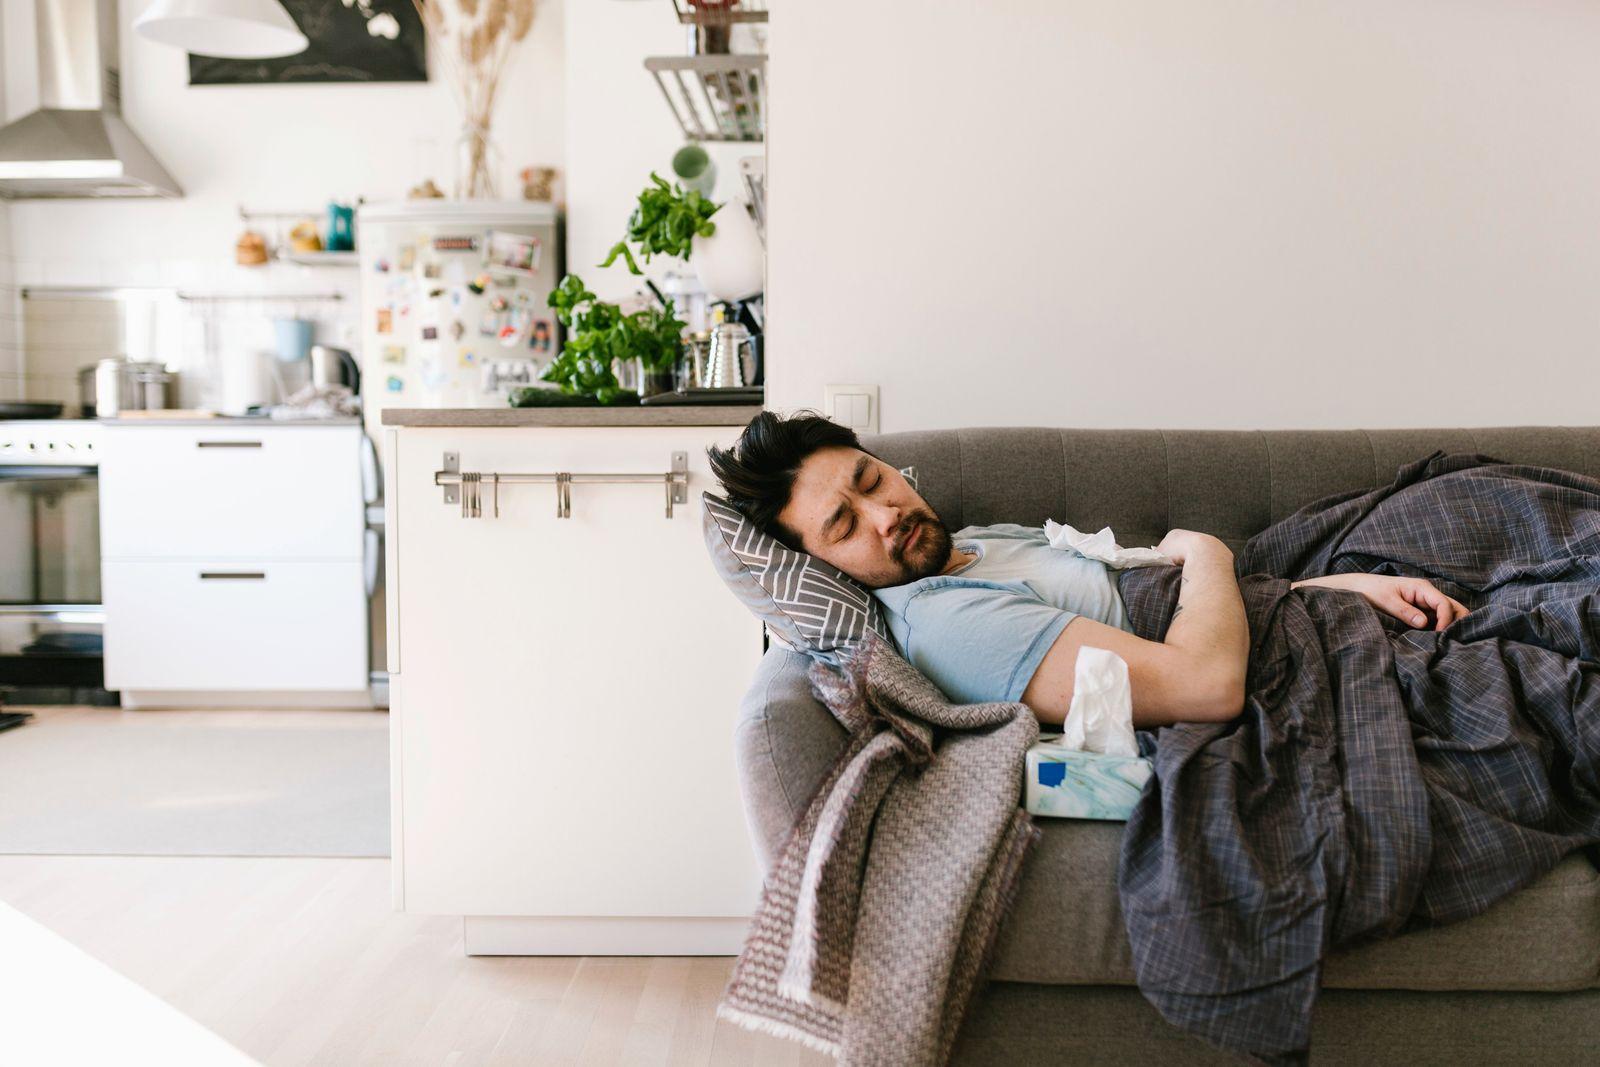 Asian man sick at home and sleeping